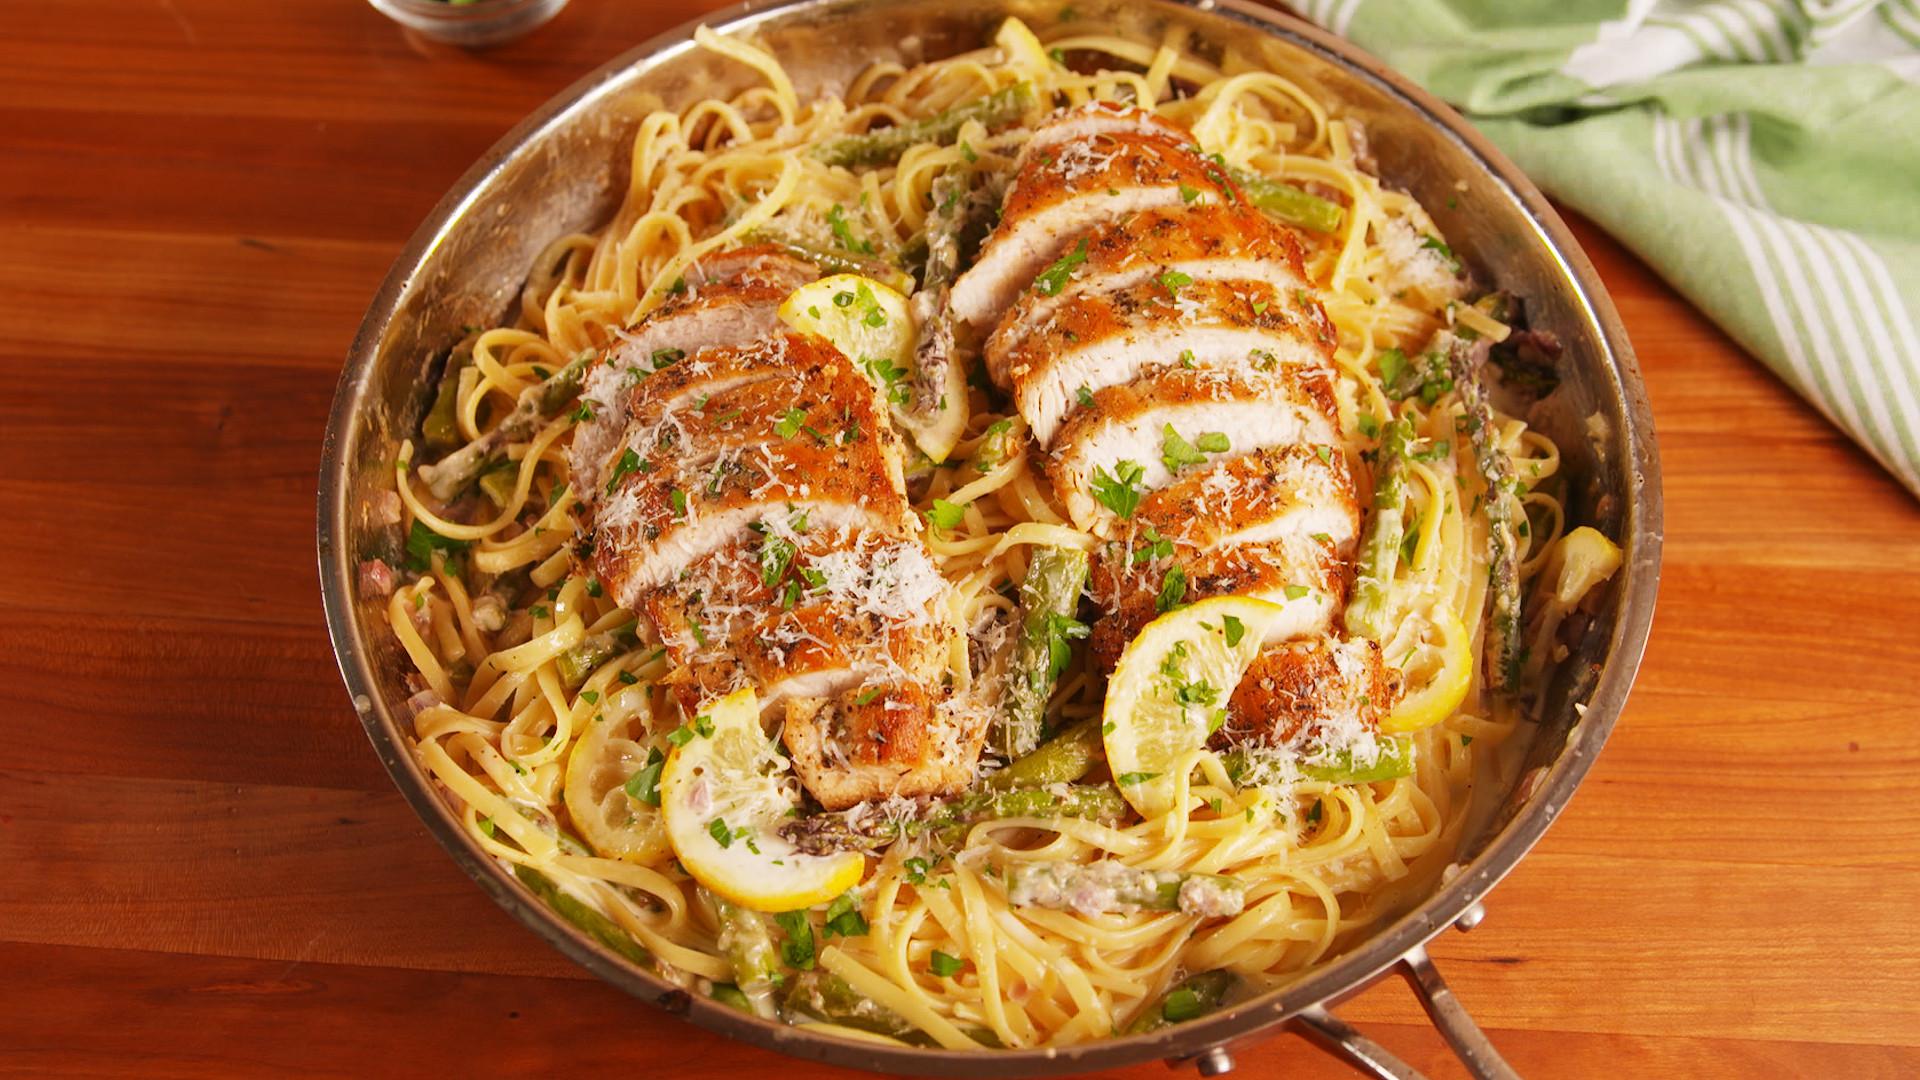 Chicken Dinner Recipes  How to Cook Chicken 300 Best Ways to Cook Chicken—Delish